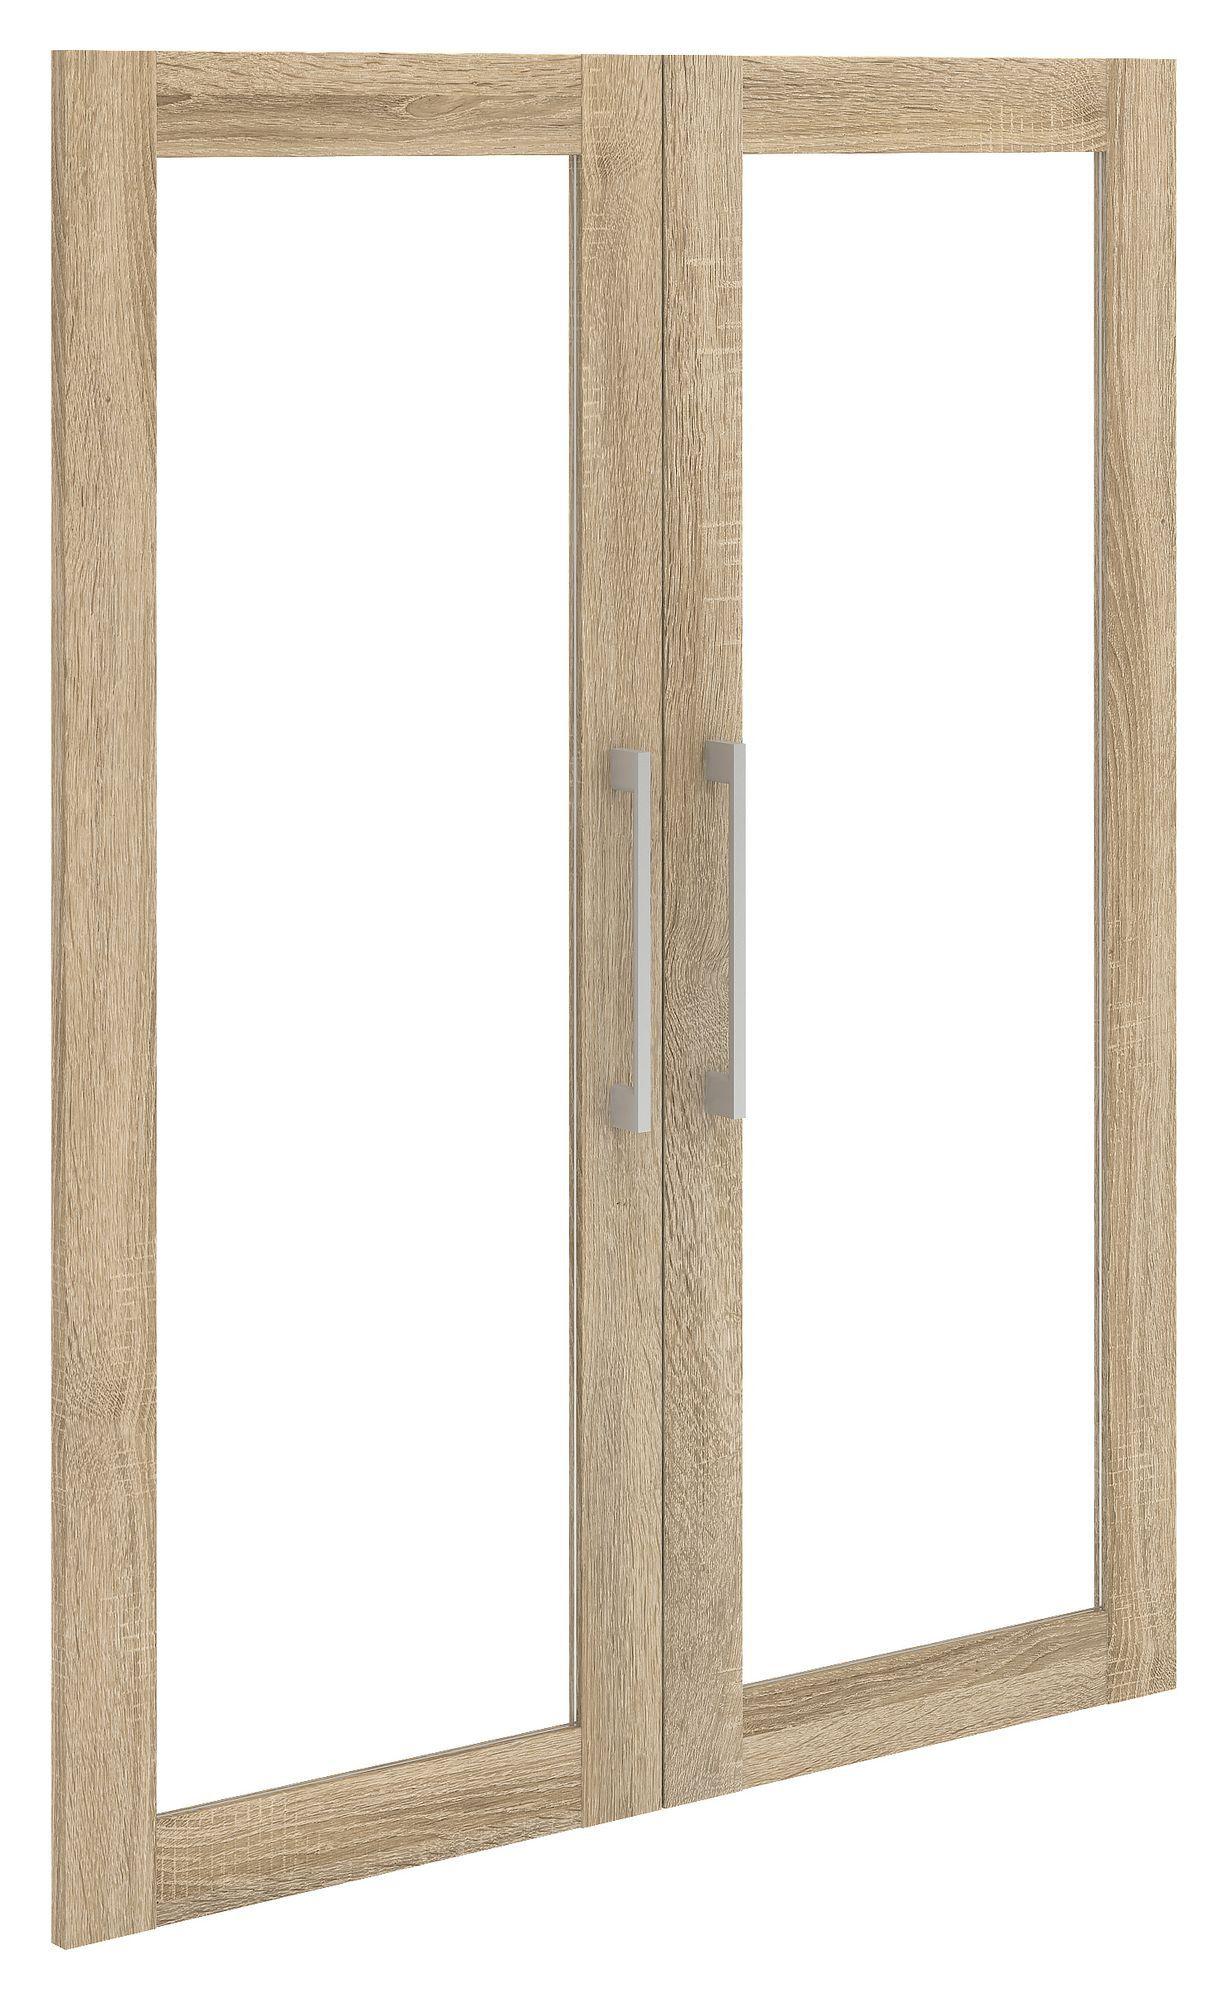 Prima Ekstralåger - 2 stk. Lys træ m/glas - Glasrammelåger til Prima reol